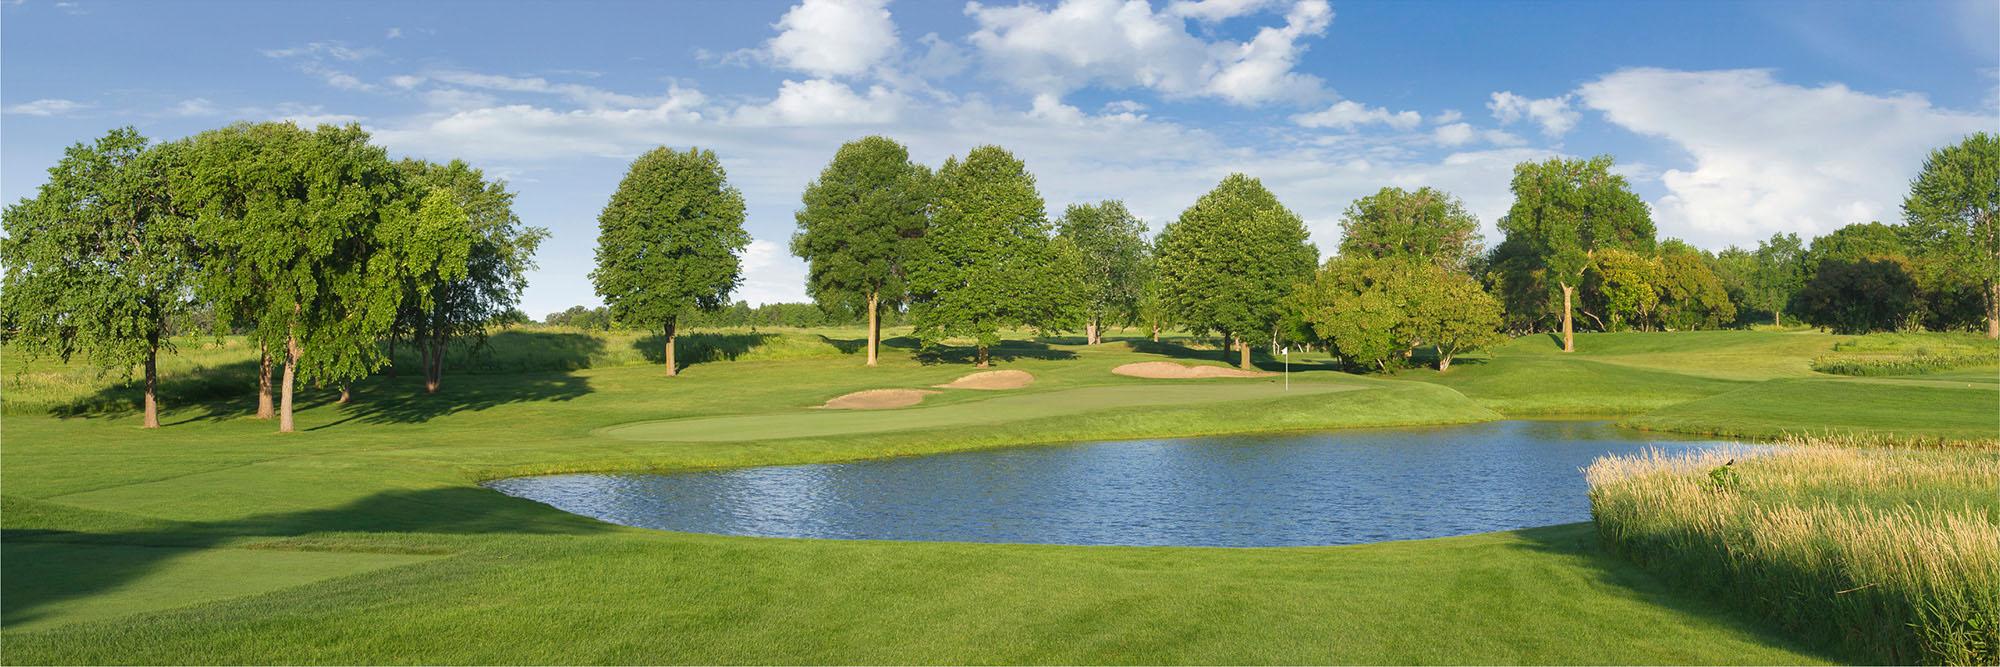 Golf Course Image - Hazeltine No. 8